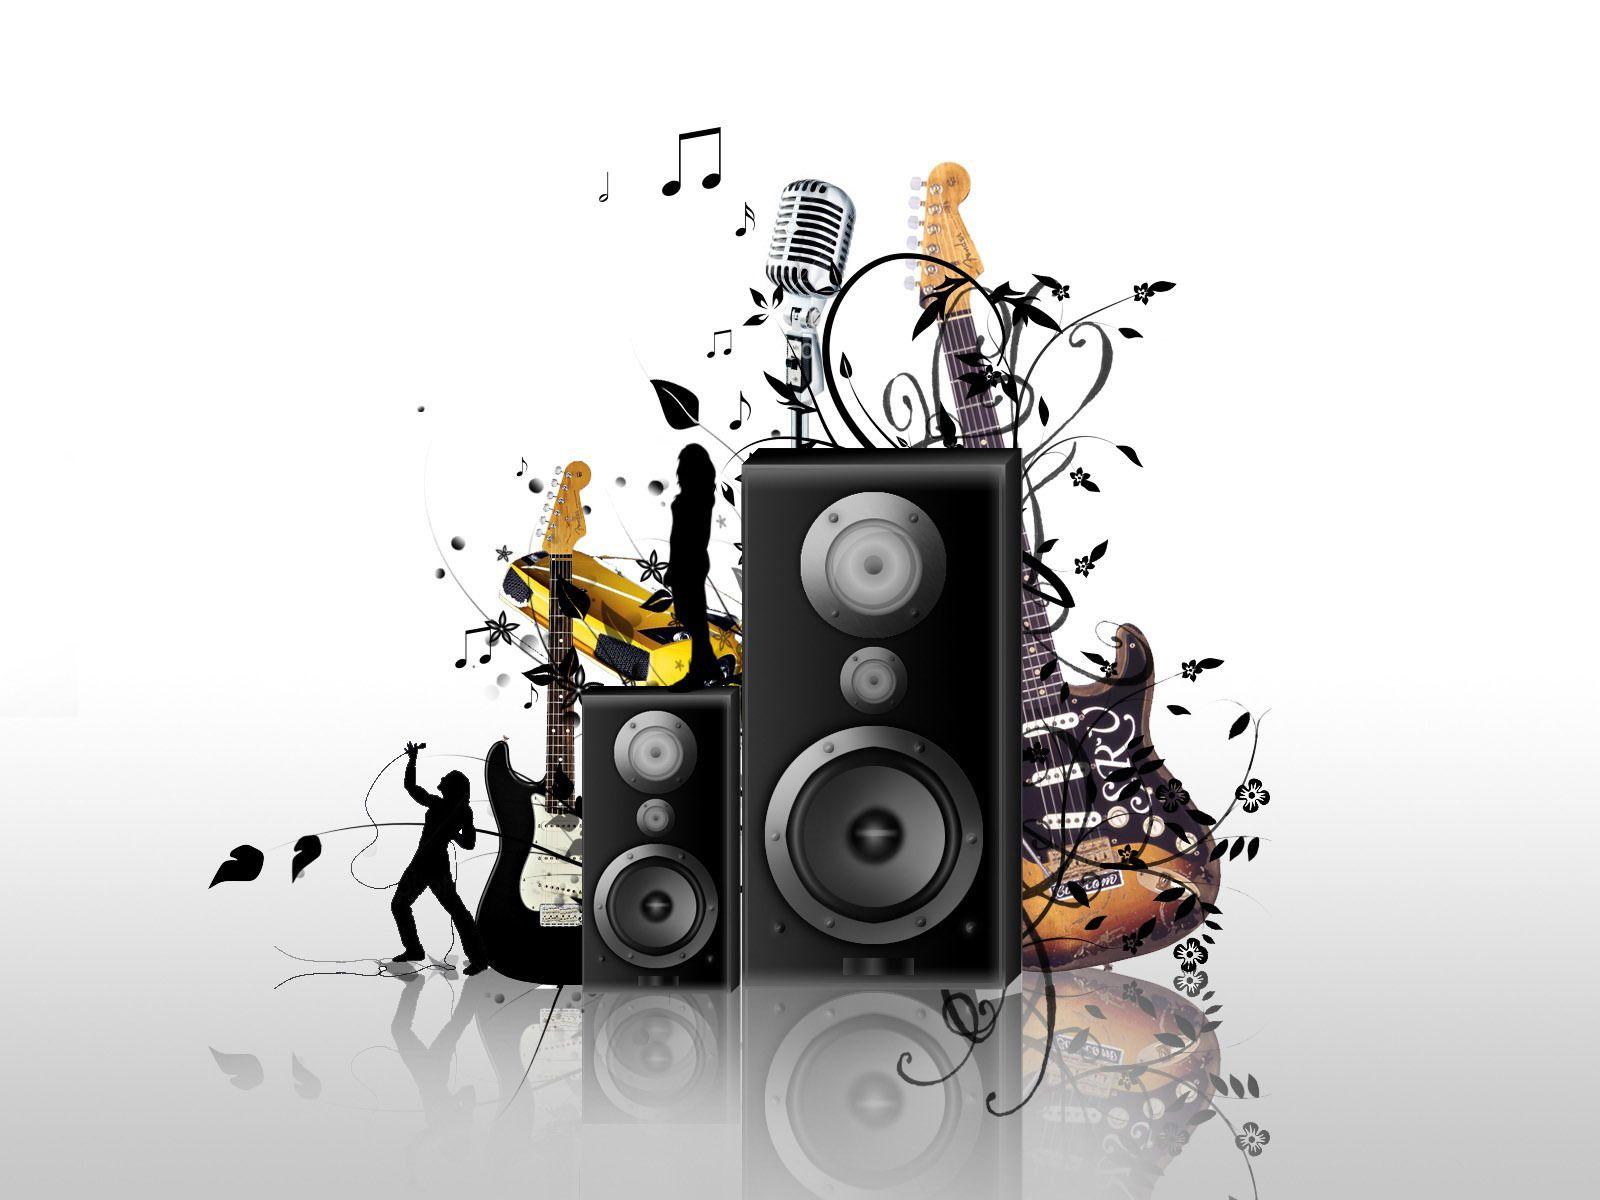 imagenes musicales para fondos hd buscar con google imagenes